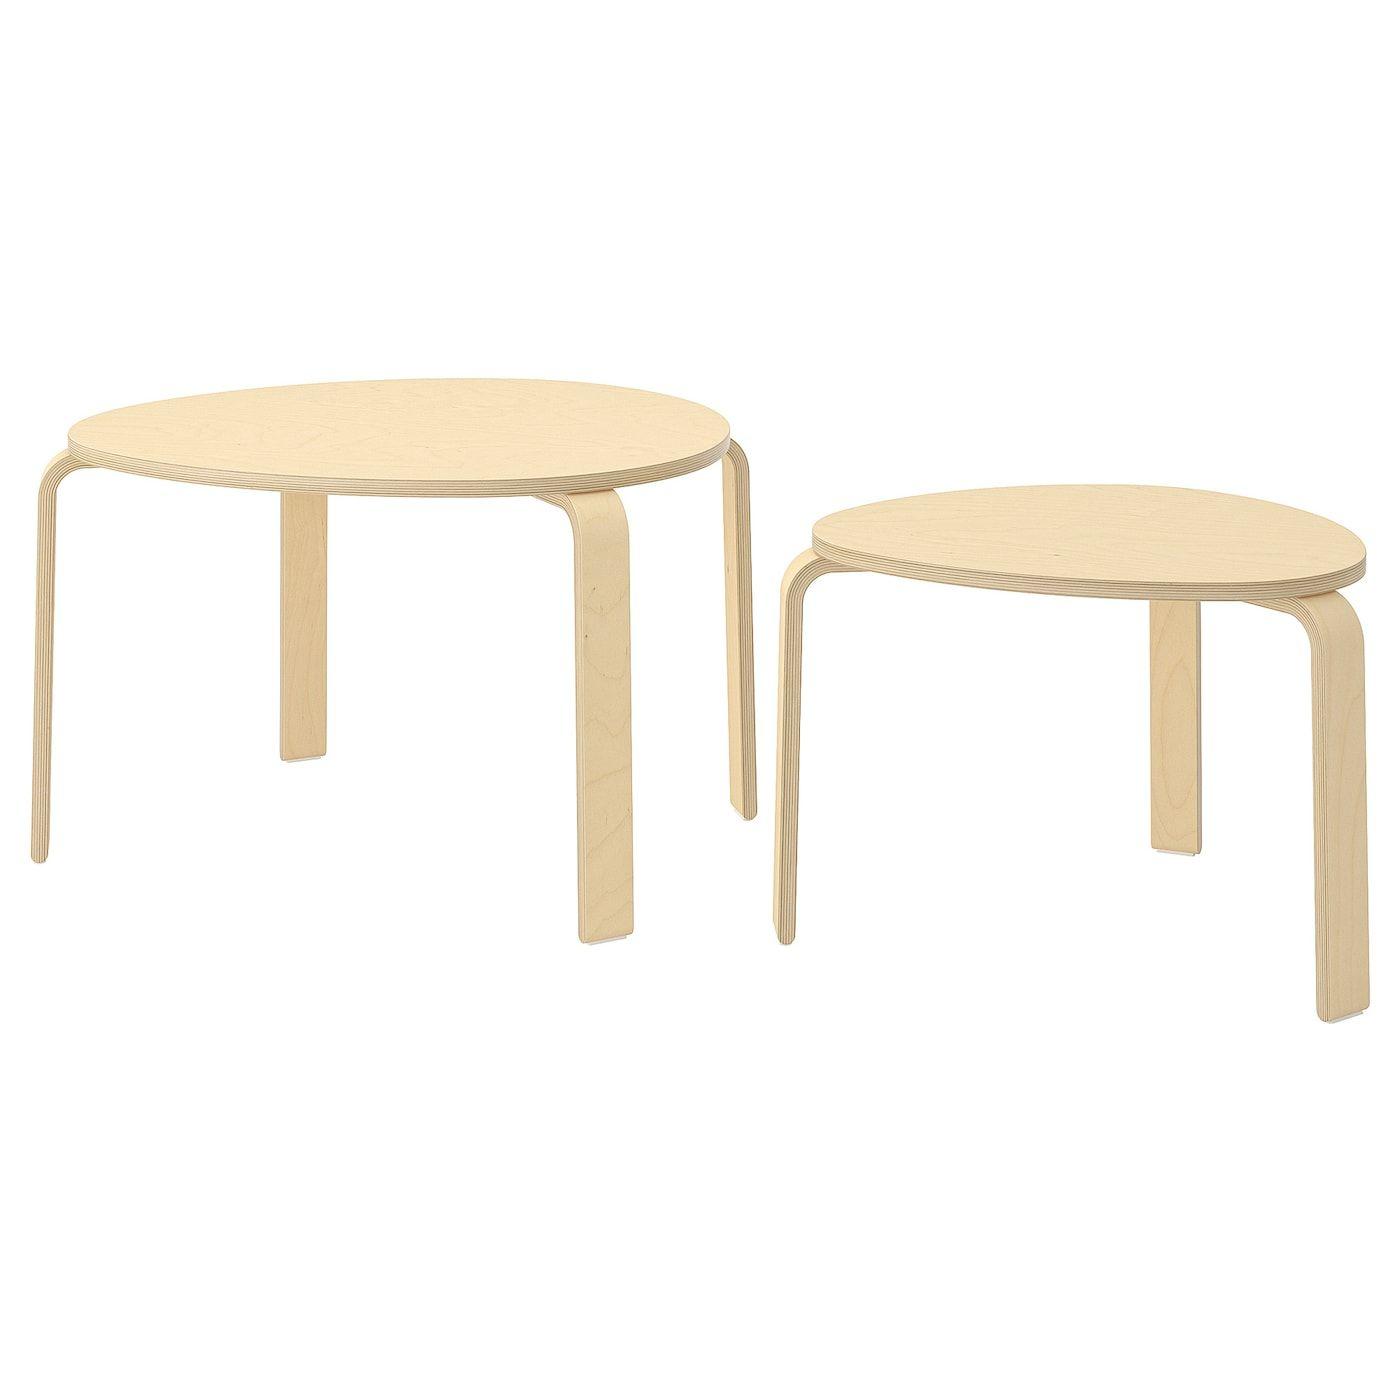 Svalsta Birch Veneer Nest Of Tables Set Of 2 Ikea In 2020 Nesting Tables Ikea Ikea Side Table [ 1400 x 1400 Pixel ]